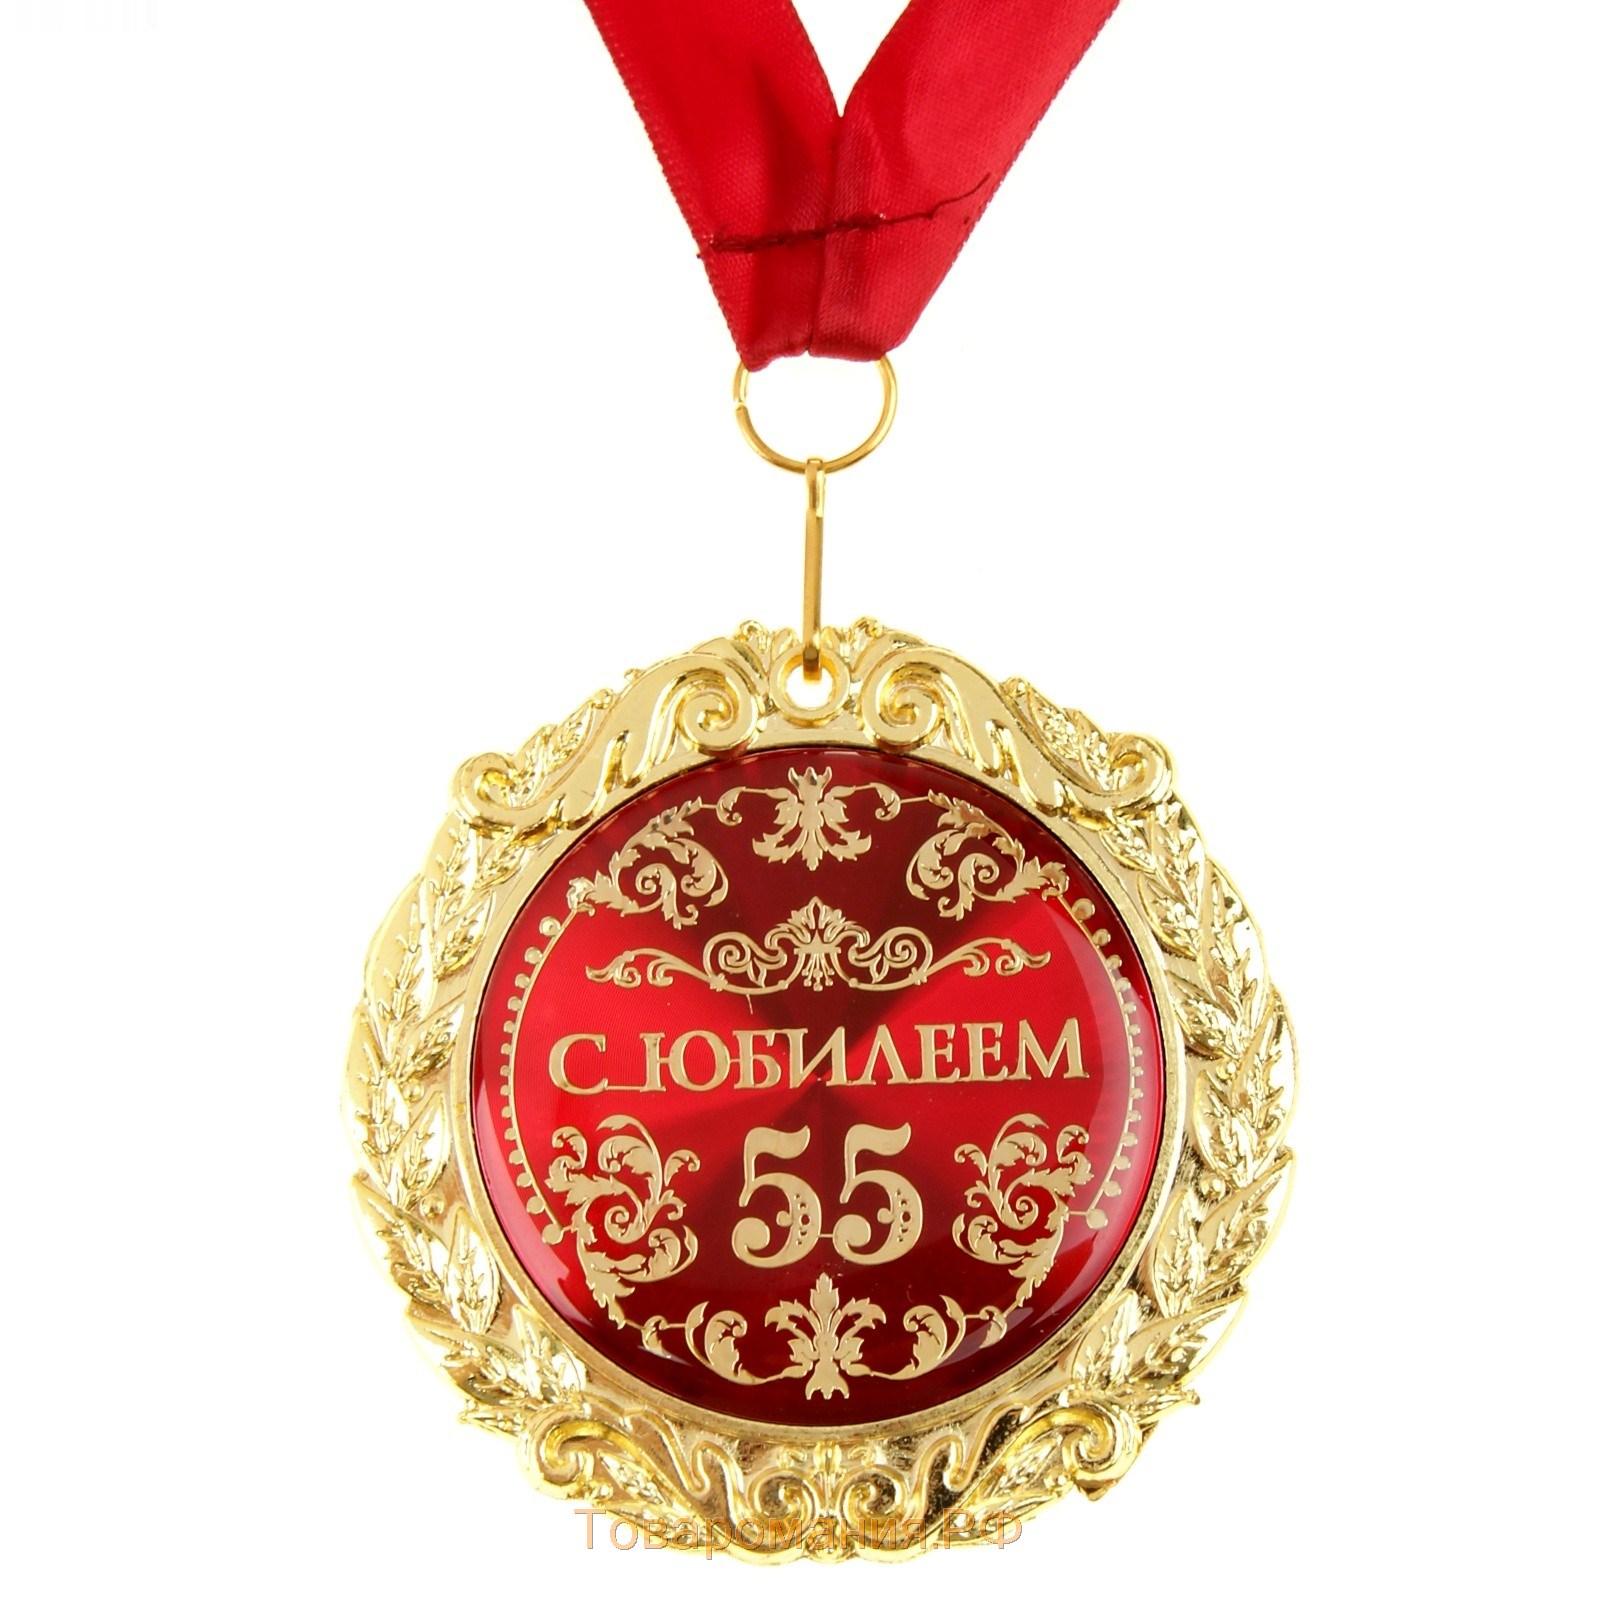 Медаль на юбилей 55 лет женщине своими руками фото 99